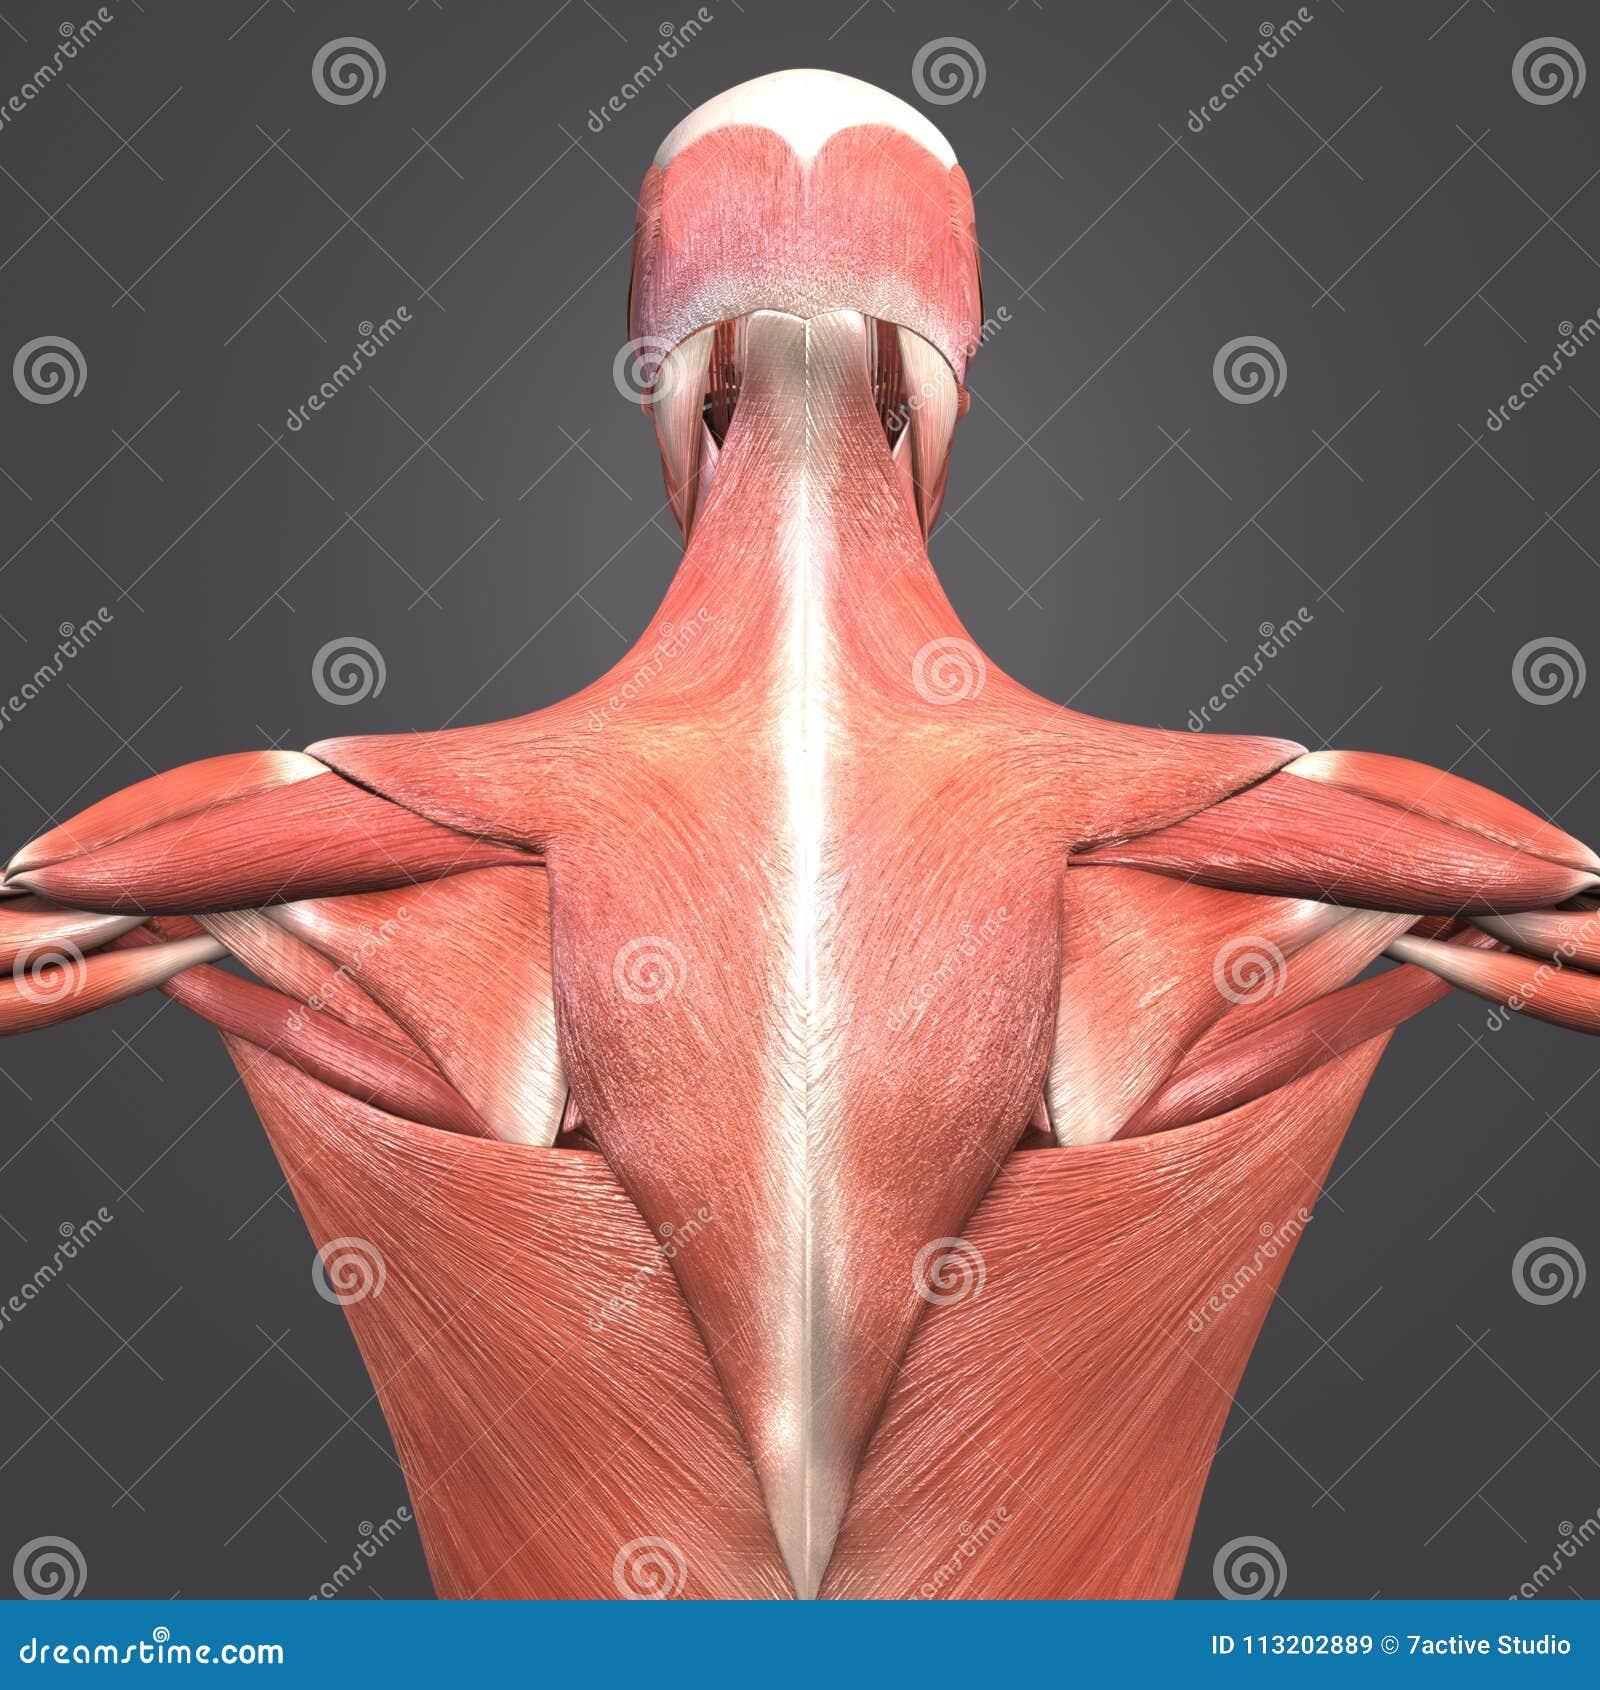 肌肉解剖学后部视图